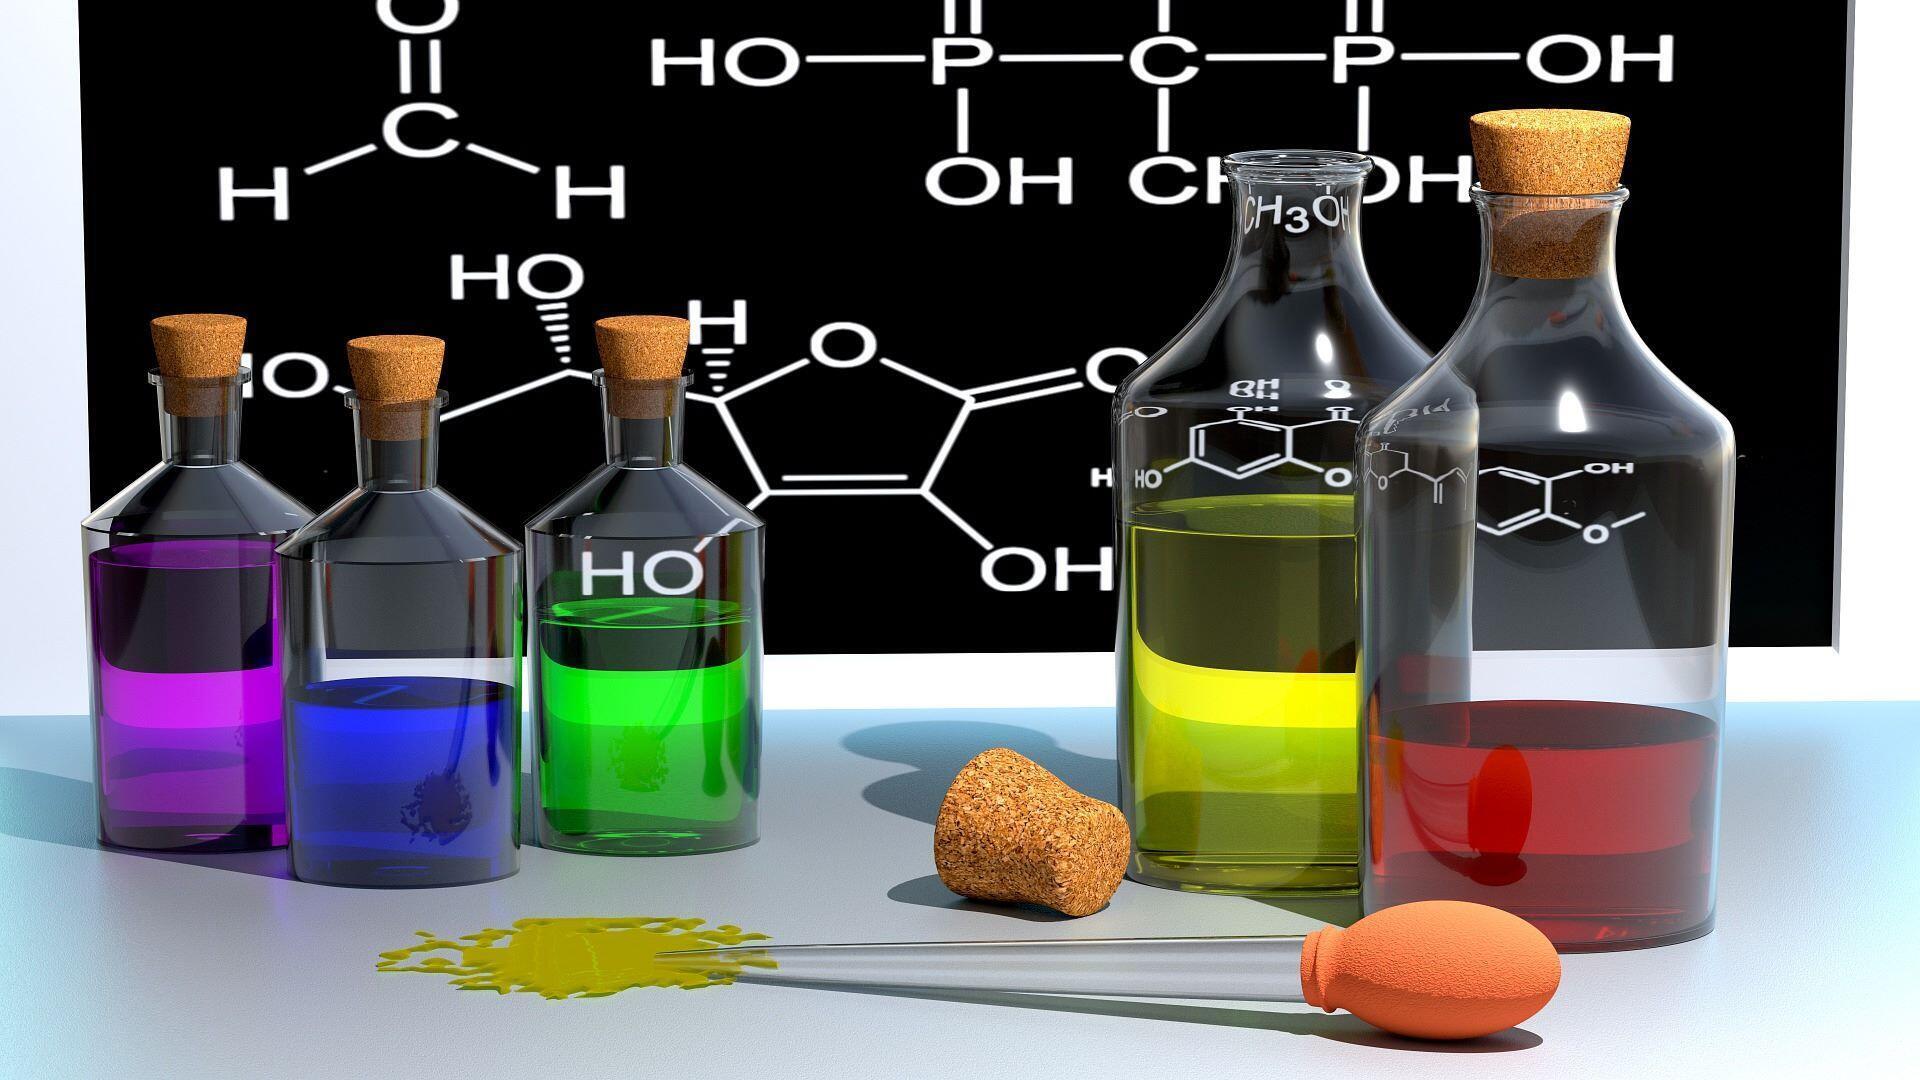 helium_chemistry